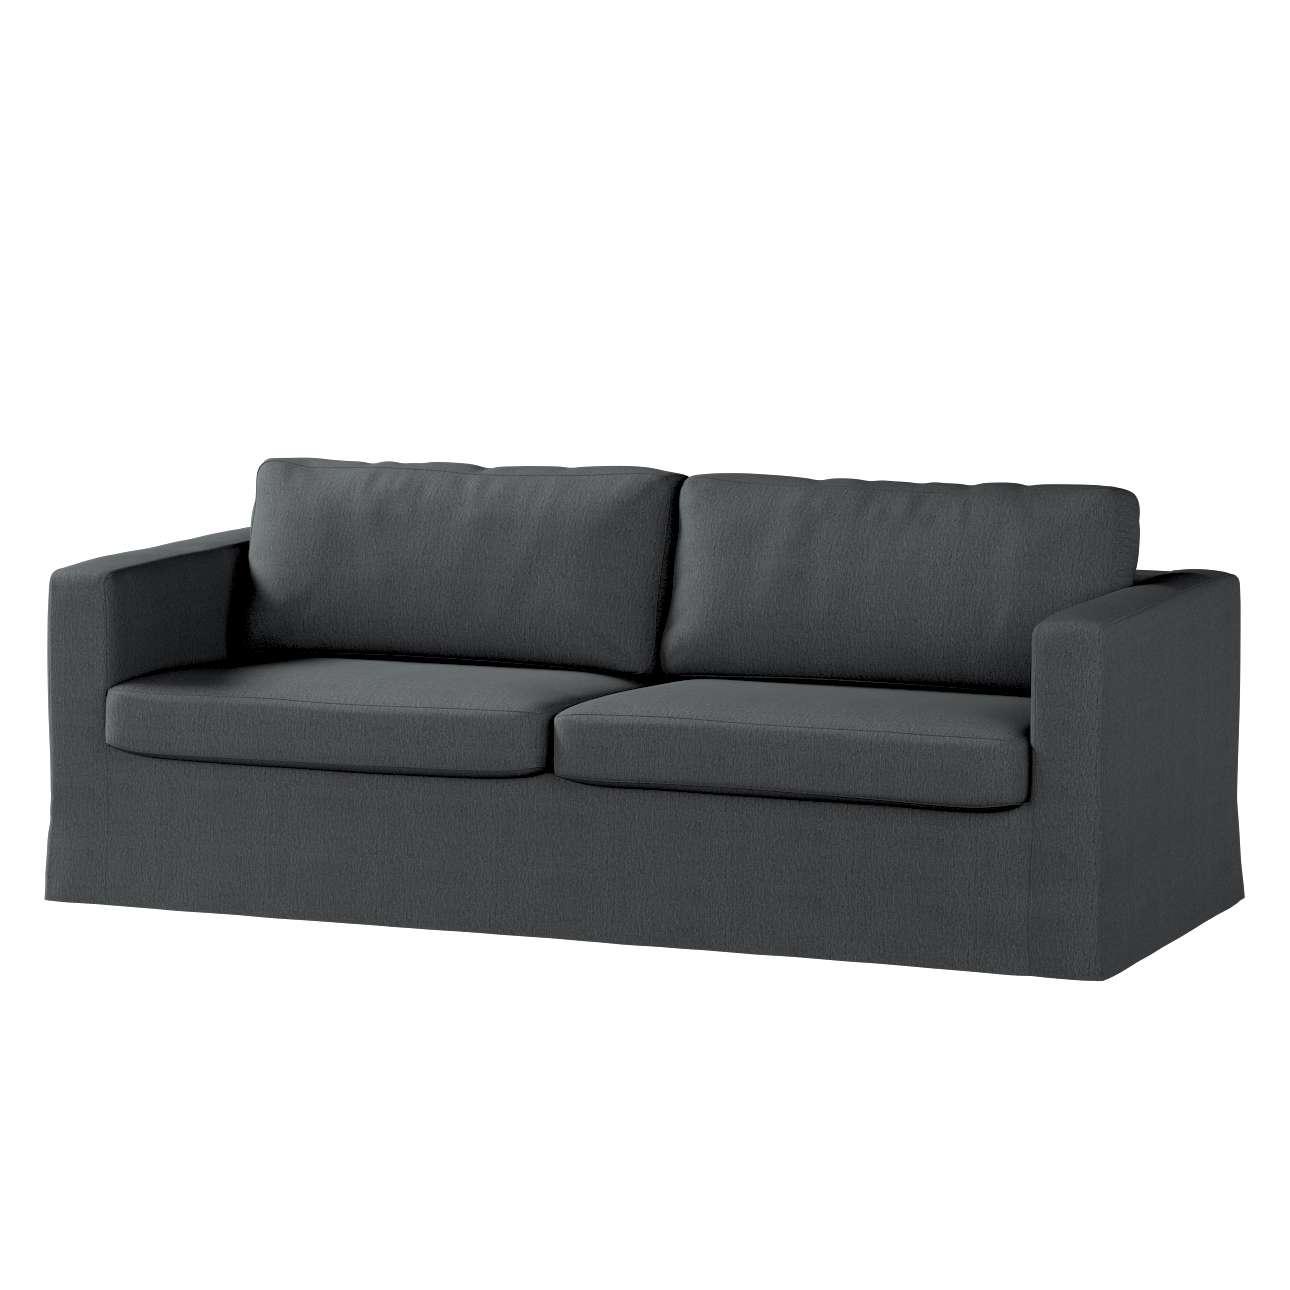 Potah na pohovku IKEA  Karlstad 3-místná, nerozkládací, dlouhý v kolekci Chenille, látka: 702-20